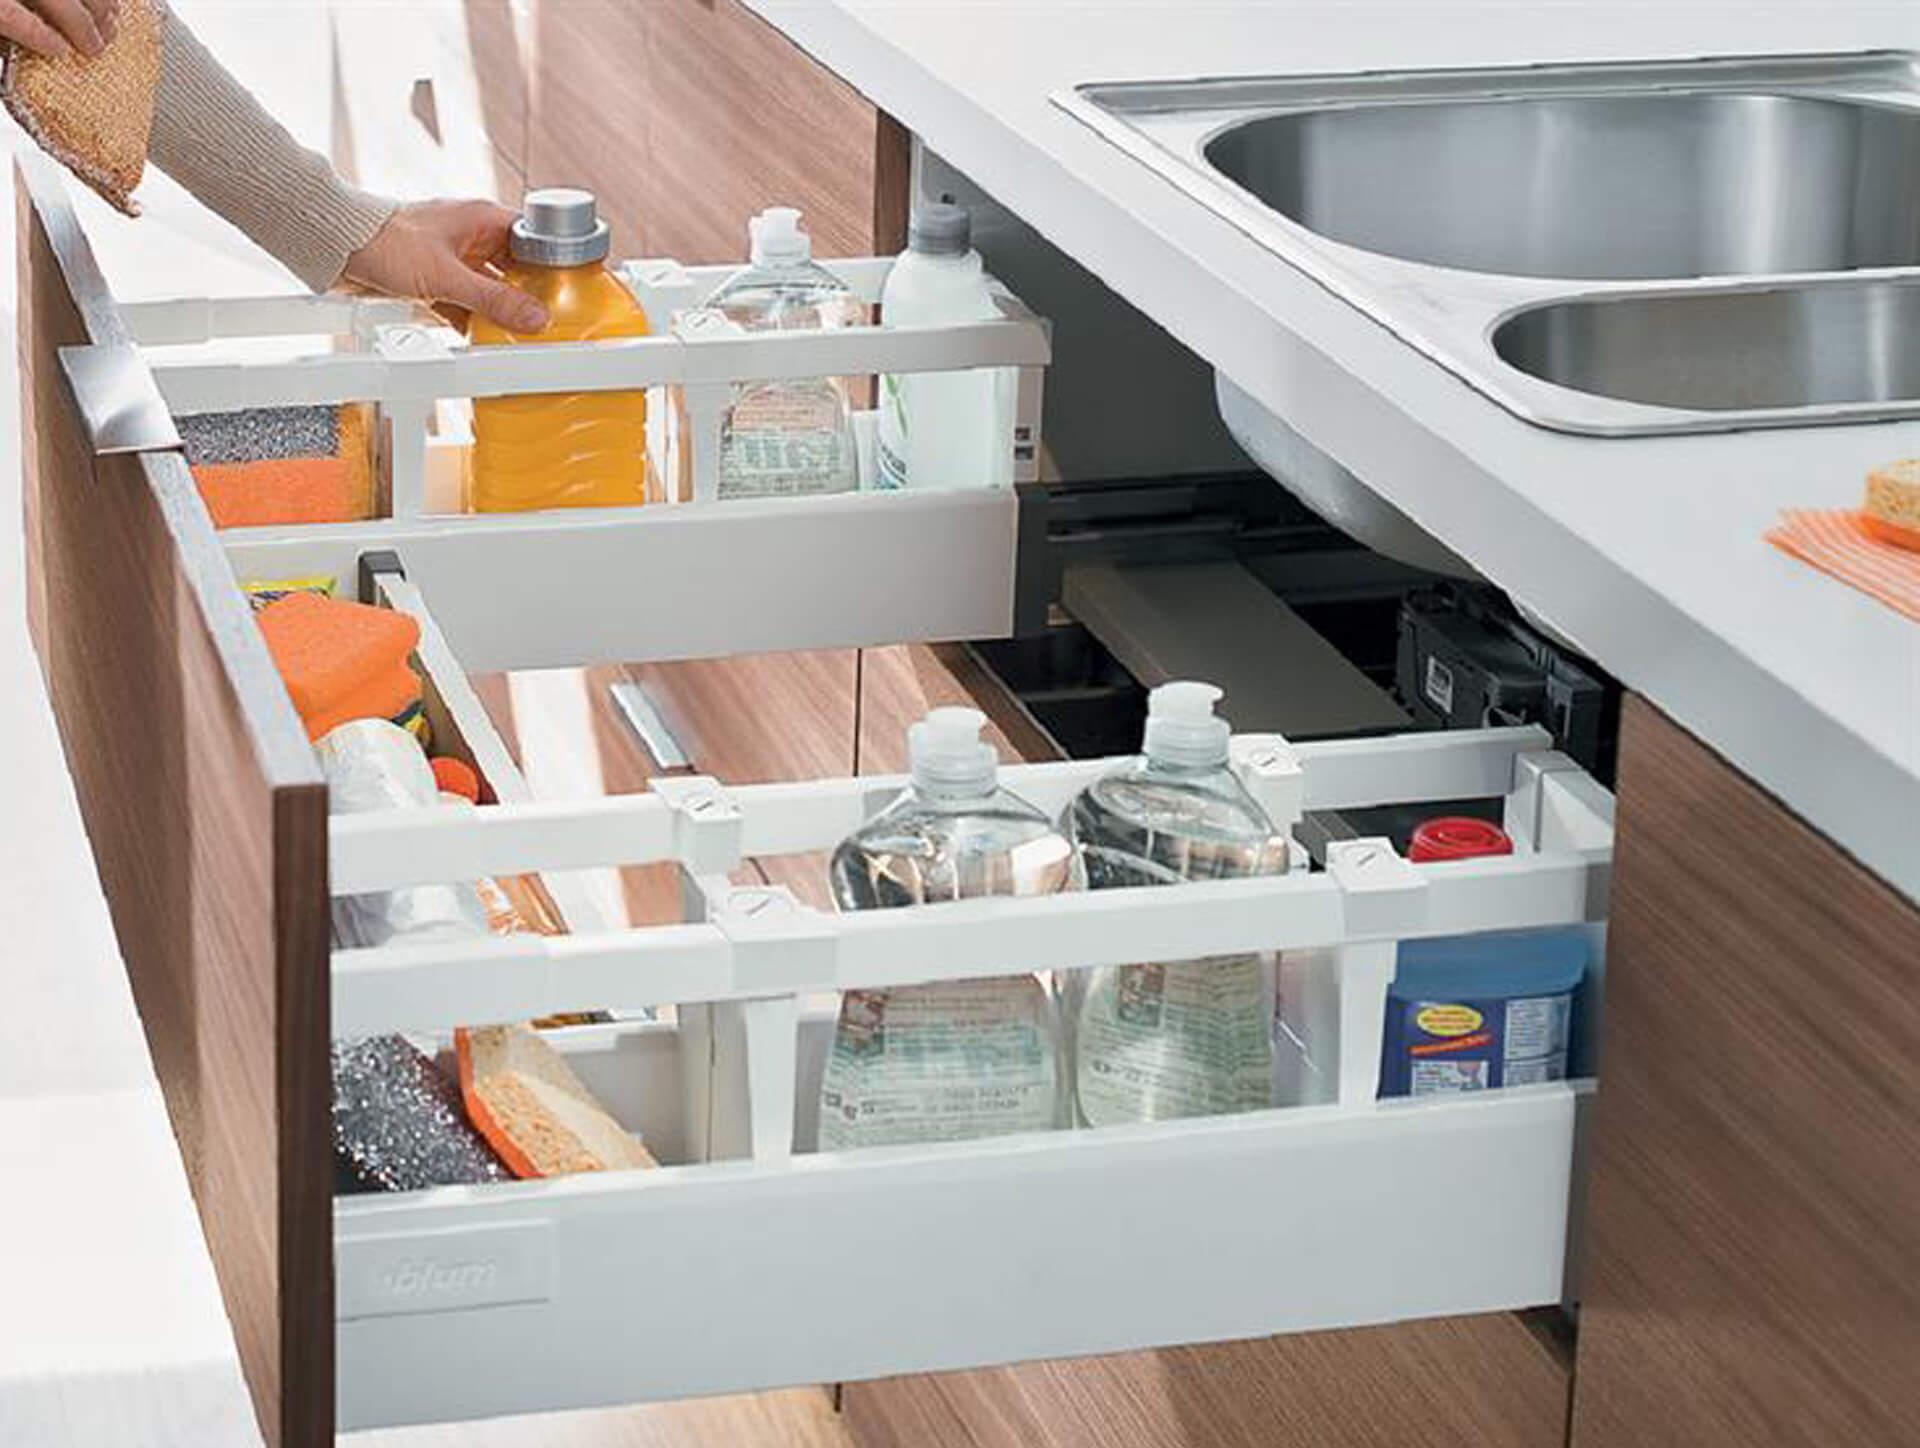 8 món nội thất giúp tiết kiệm không gian cho nhà bếp nhỏ - Ảnh 6.